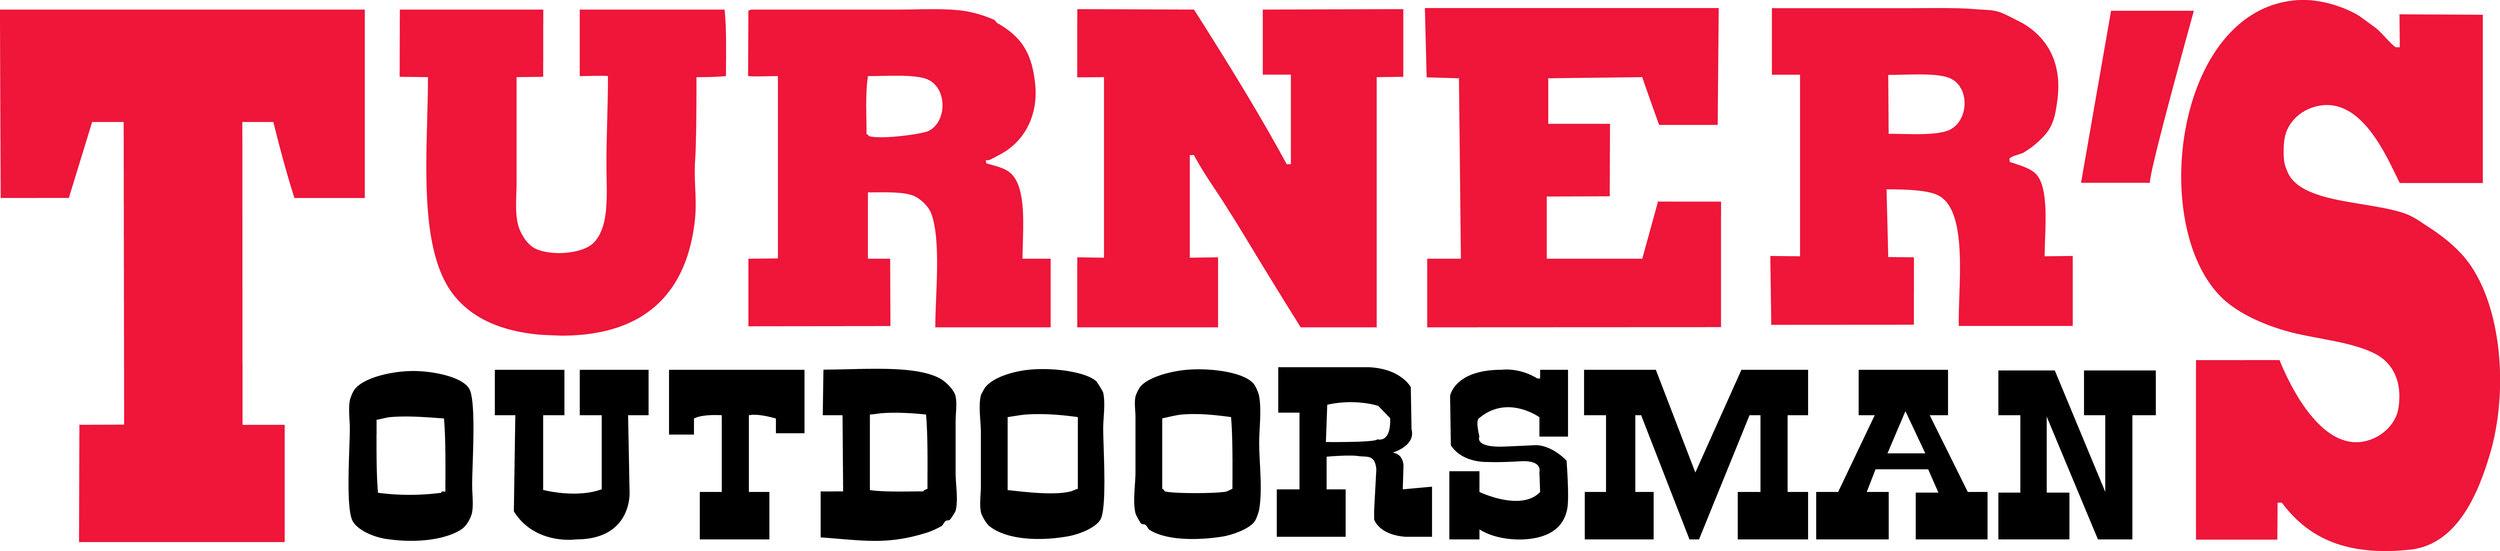 Turners logo new.jpg